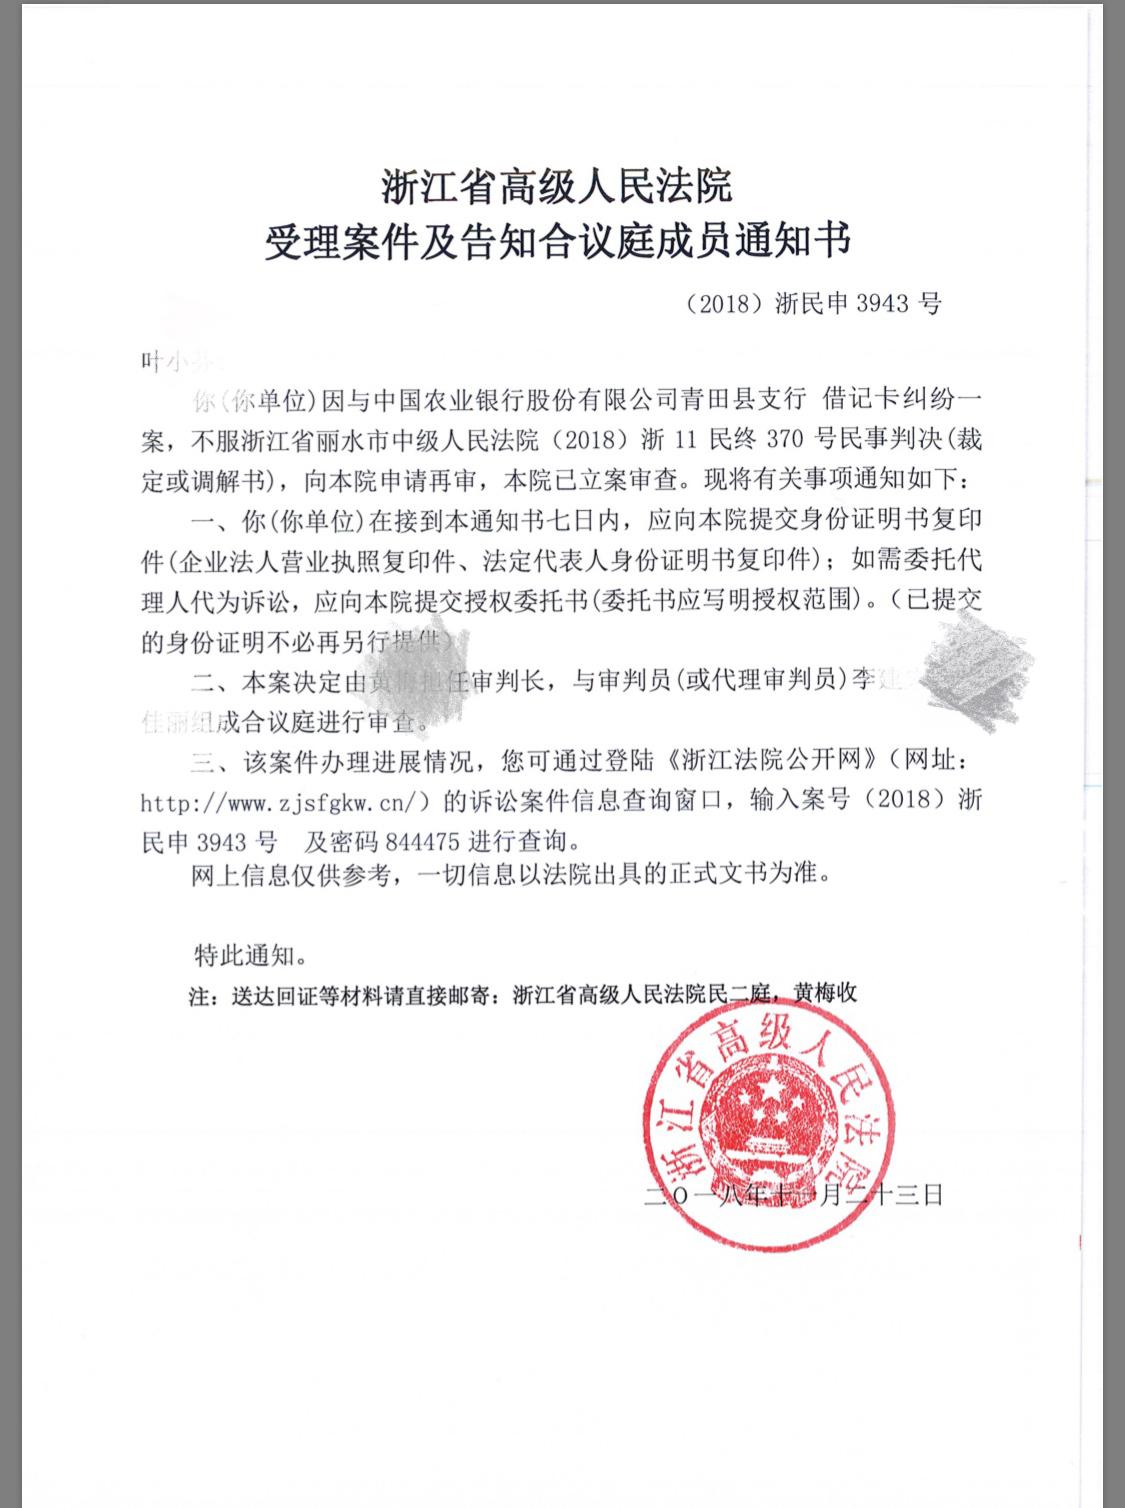 浙江高院的再审受理的受案告知书